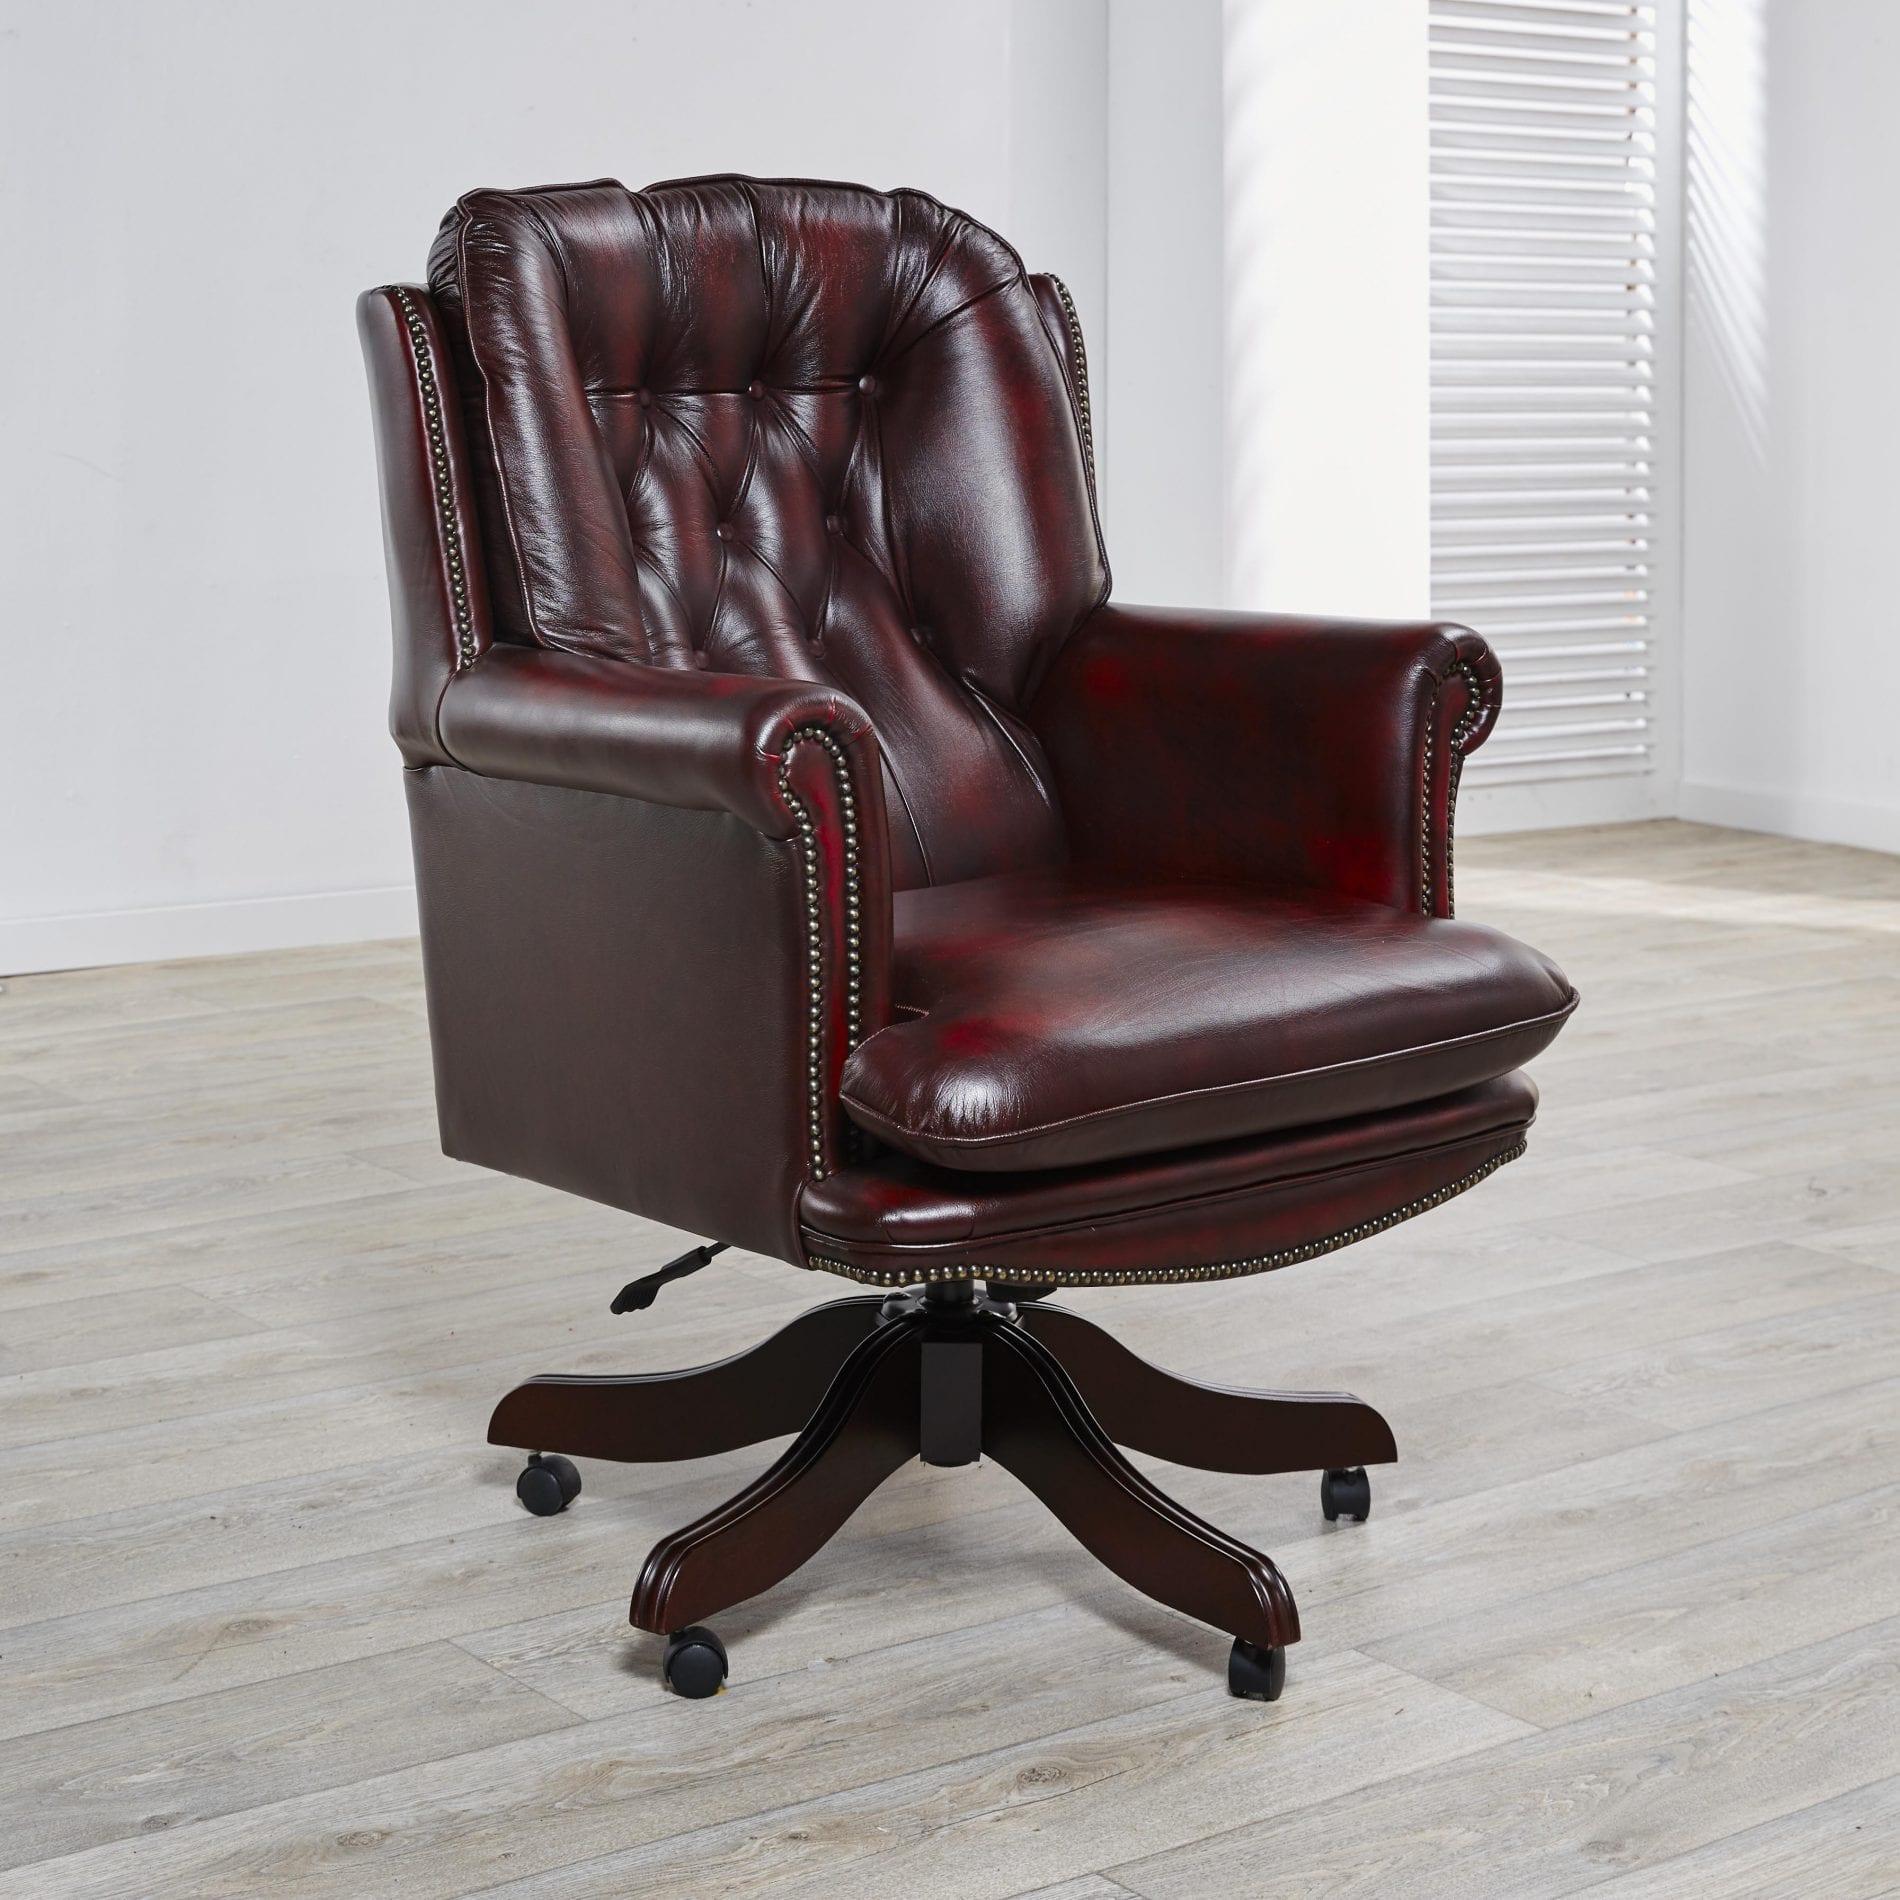 delta-chesterfield-bureaustoel-president-swivel-ant-red-zijaanzicht